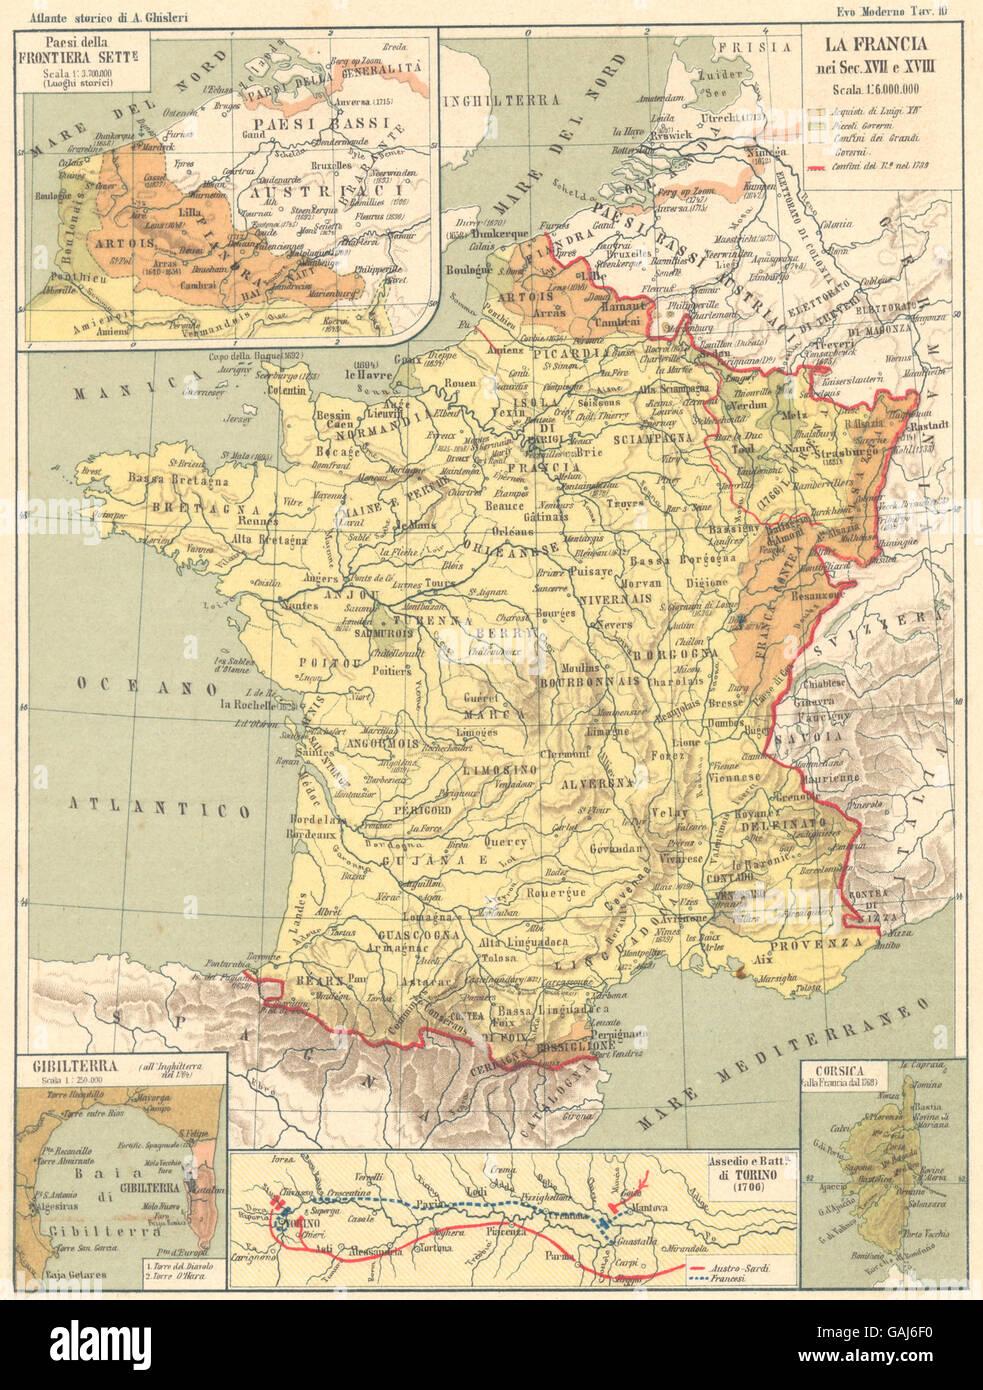 FRANCIA 17-18C: Frontiera sette; Gibilterra; Assedio Torino; Corsica, 1889 Mappa Immagini Stock